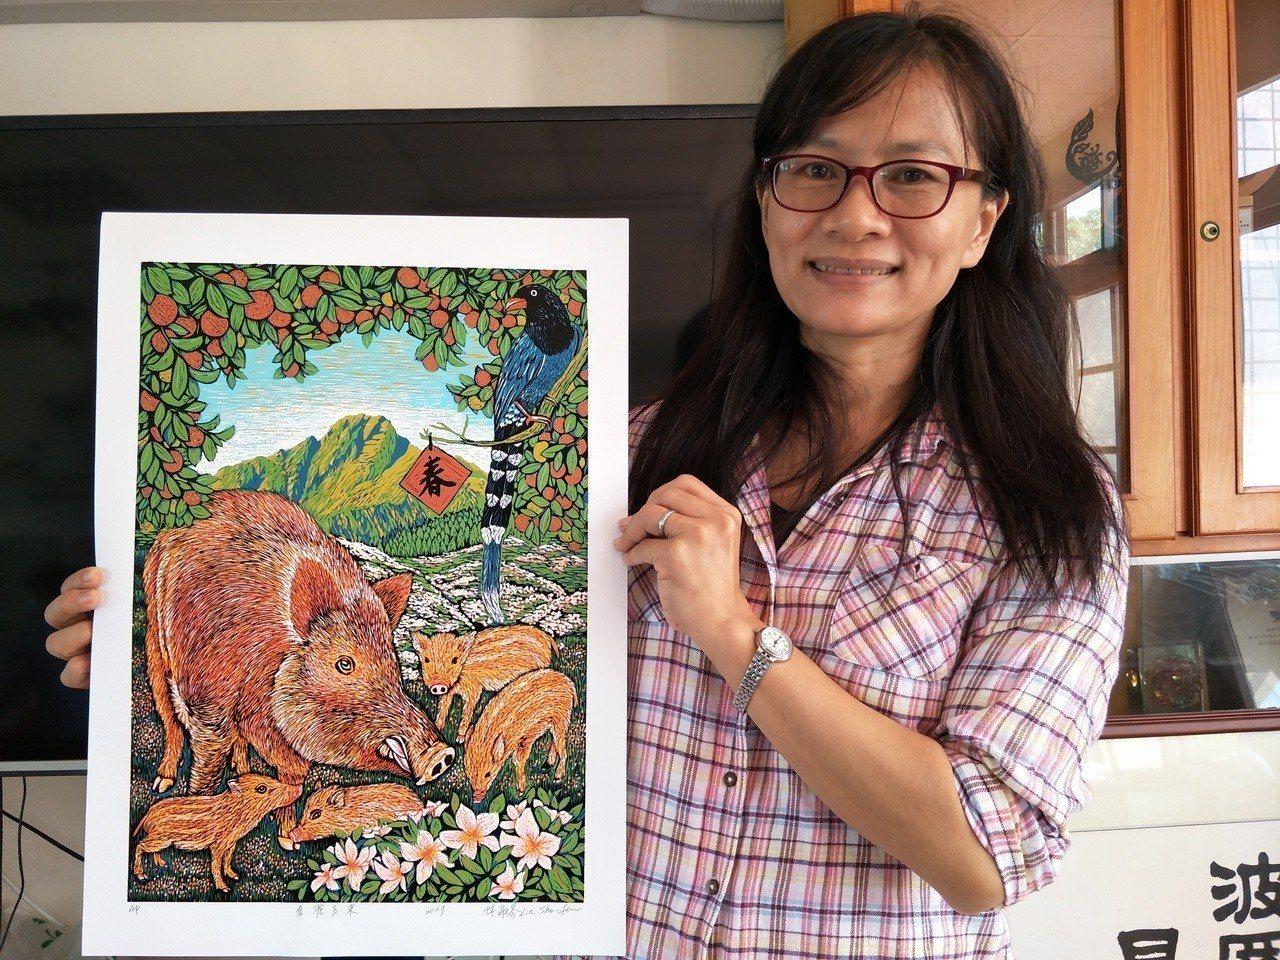 台南市新泰國小老師林淑芬近日榮獲文化部版印年畫首獎。記者謝進盛/攝影